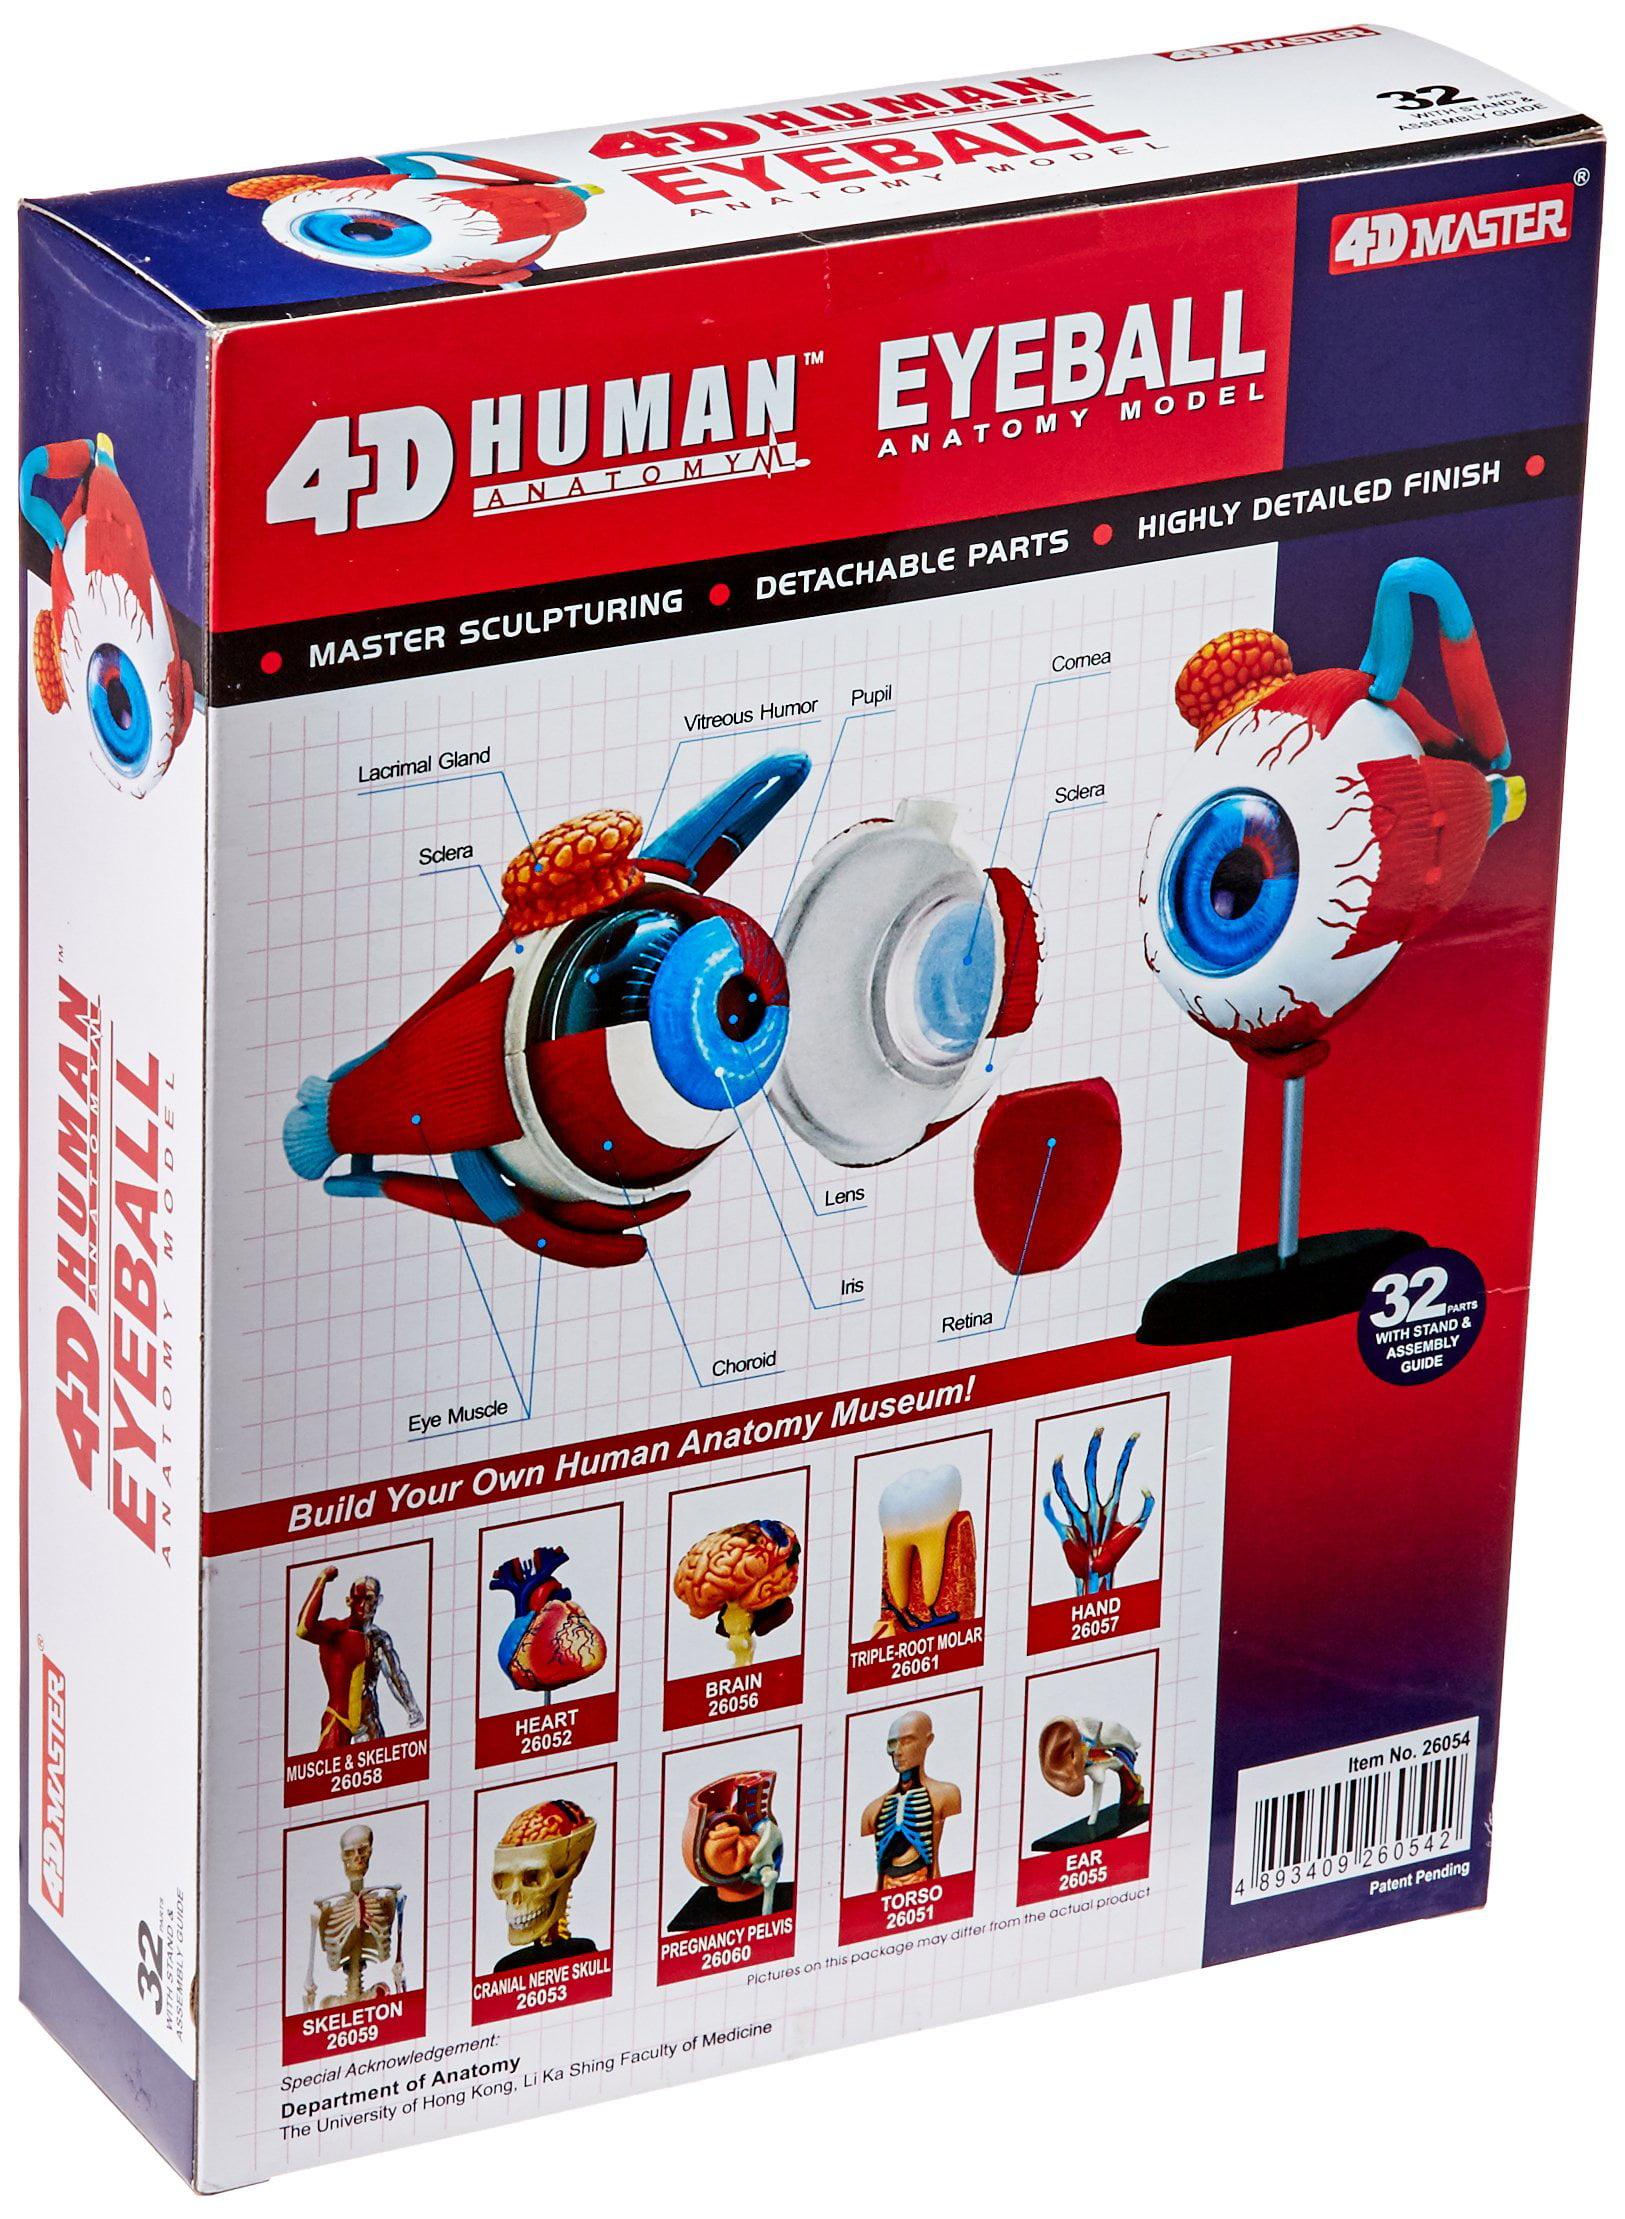 Tedco Human Anatomy Eyeball Anatomy Model